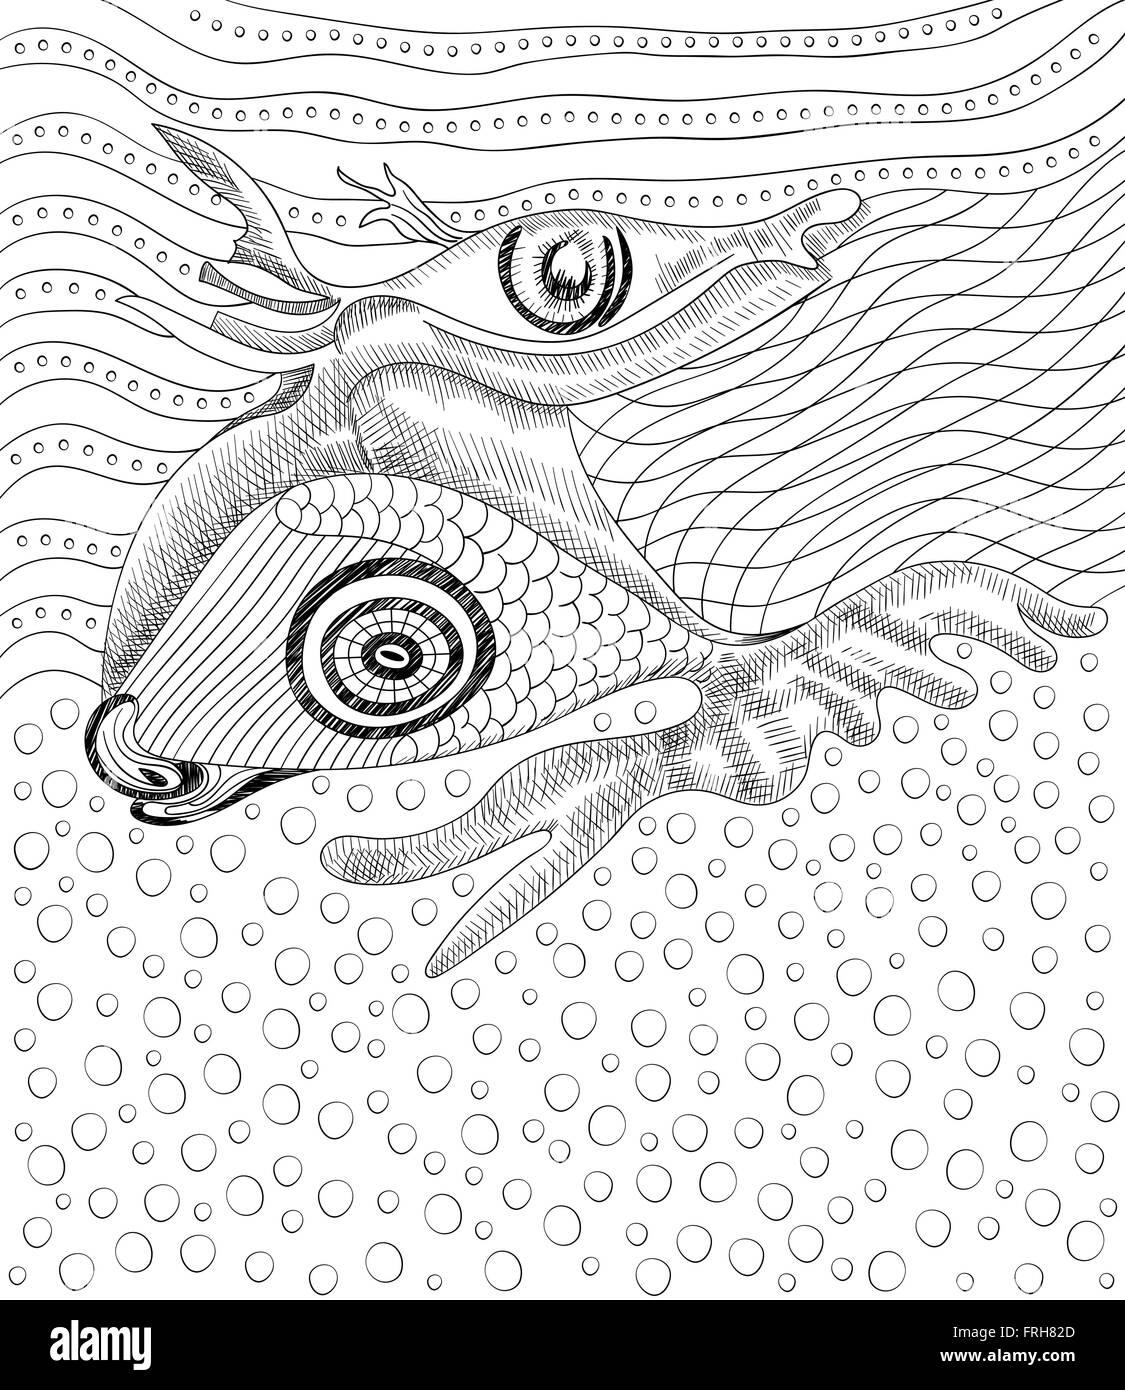 Dibujo a mano alzada, surrealista, peces y ballenas plantilla ...